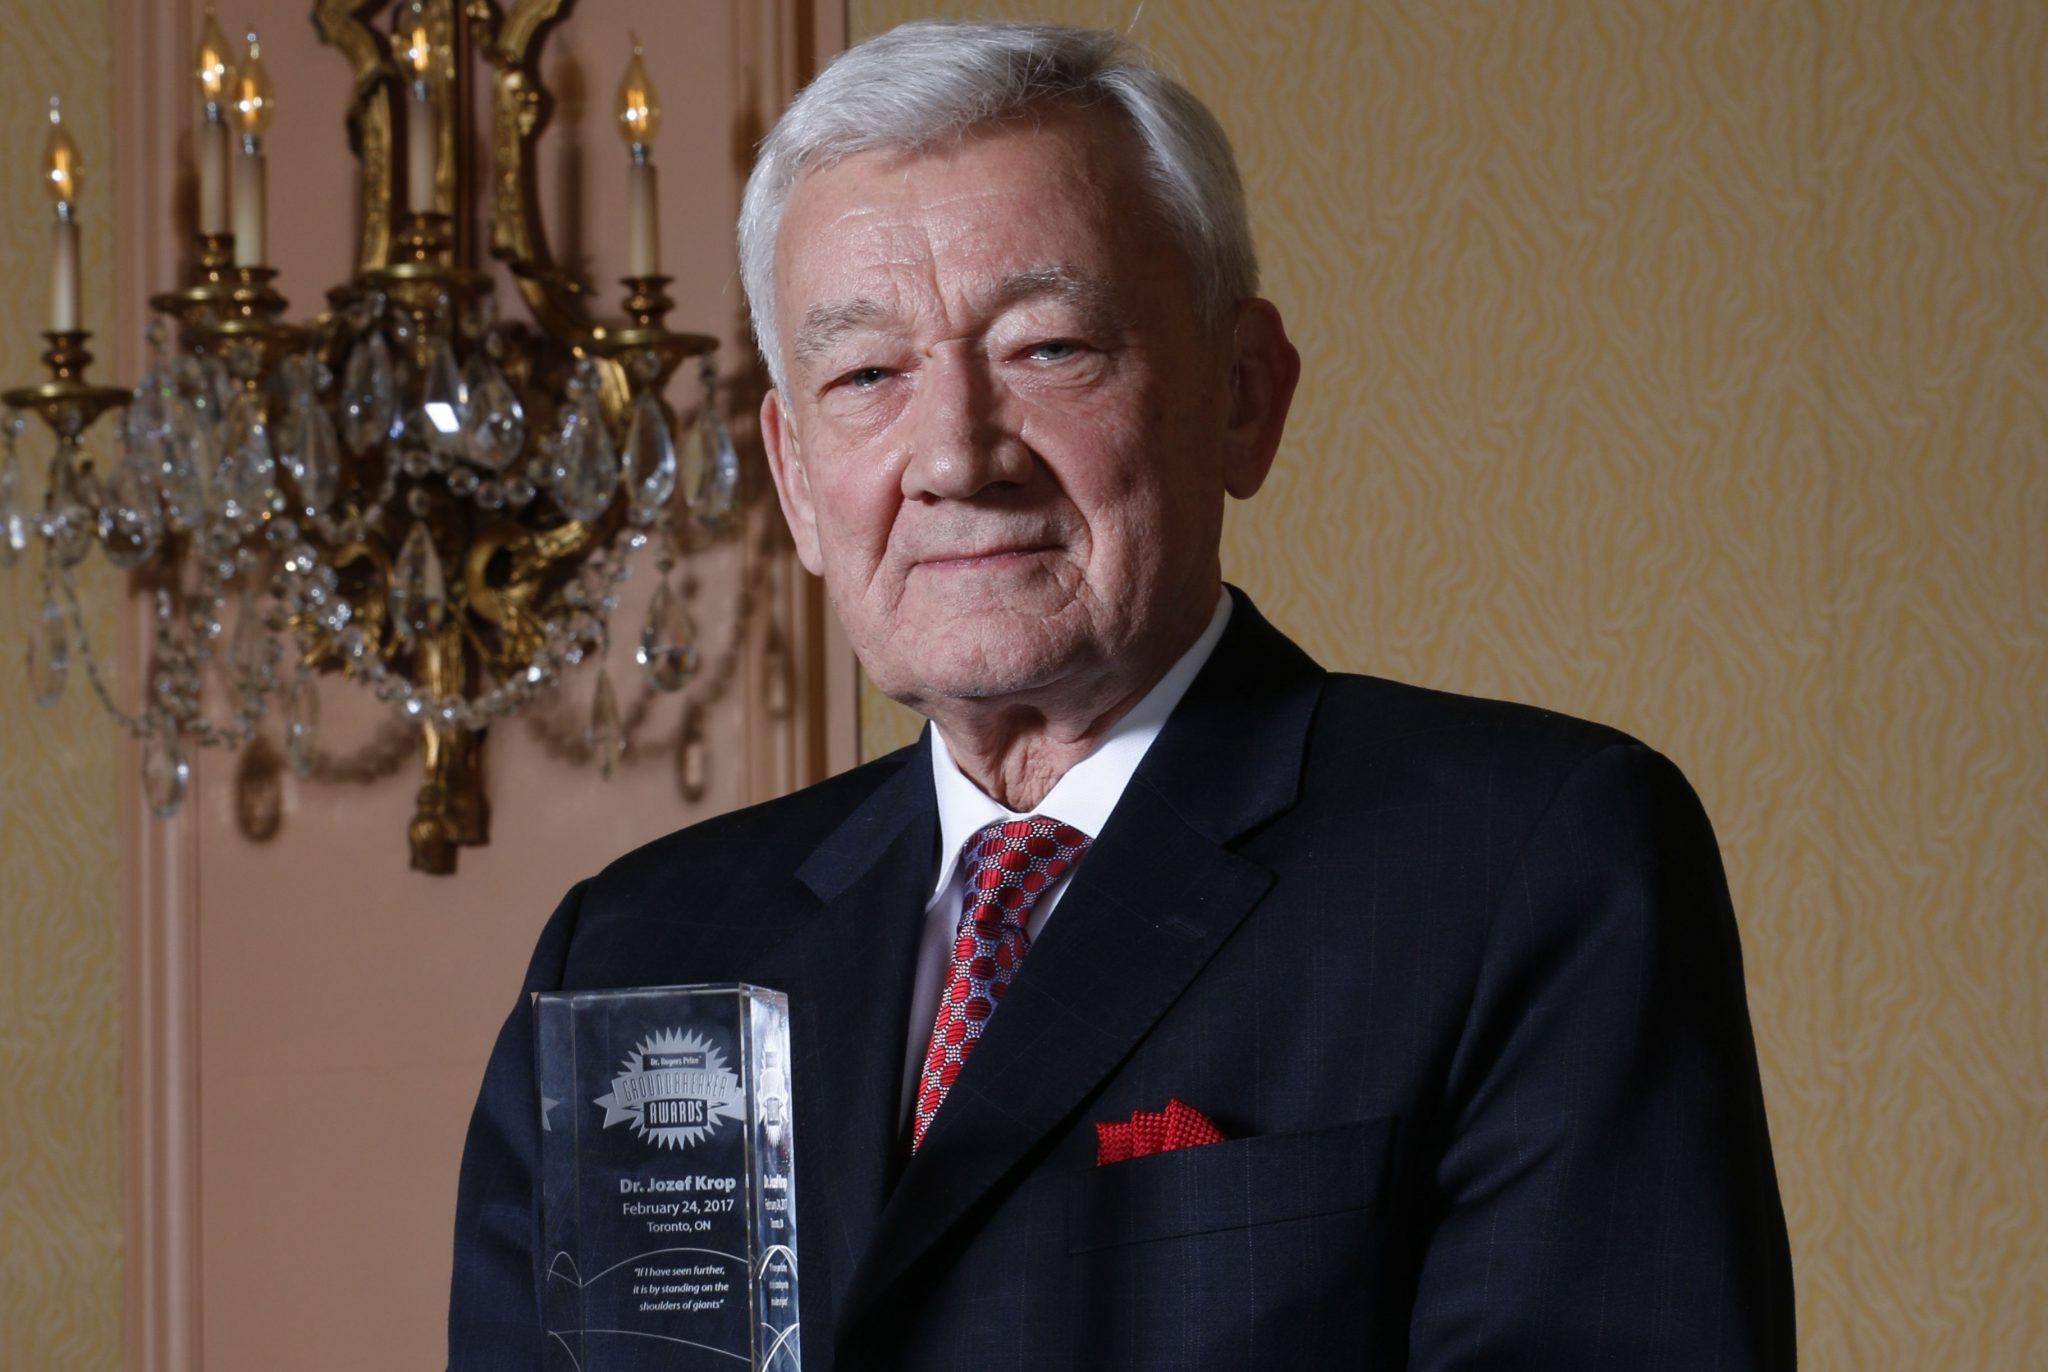 Dr. Jozef Krop - Dr. Rogers Prize Groundbreaker Award Winner